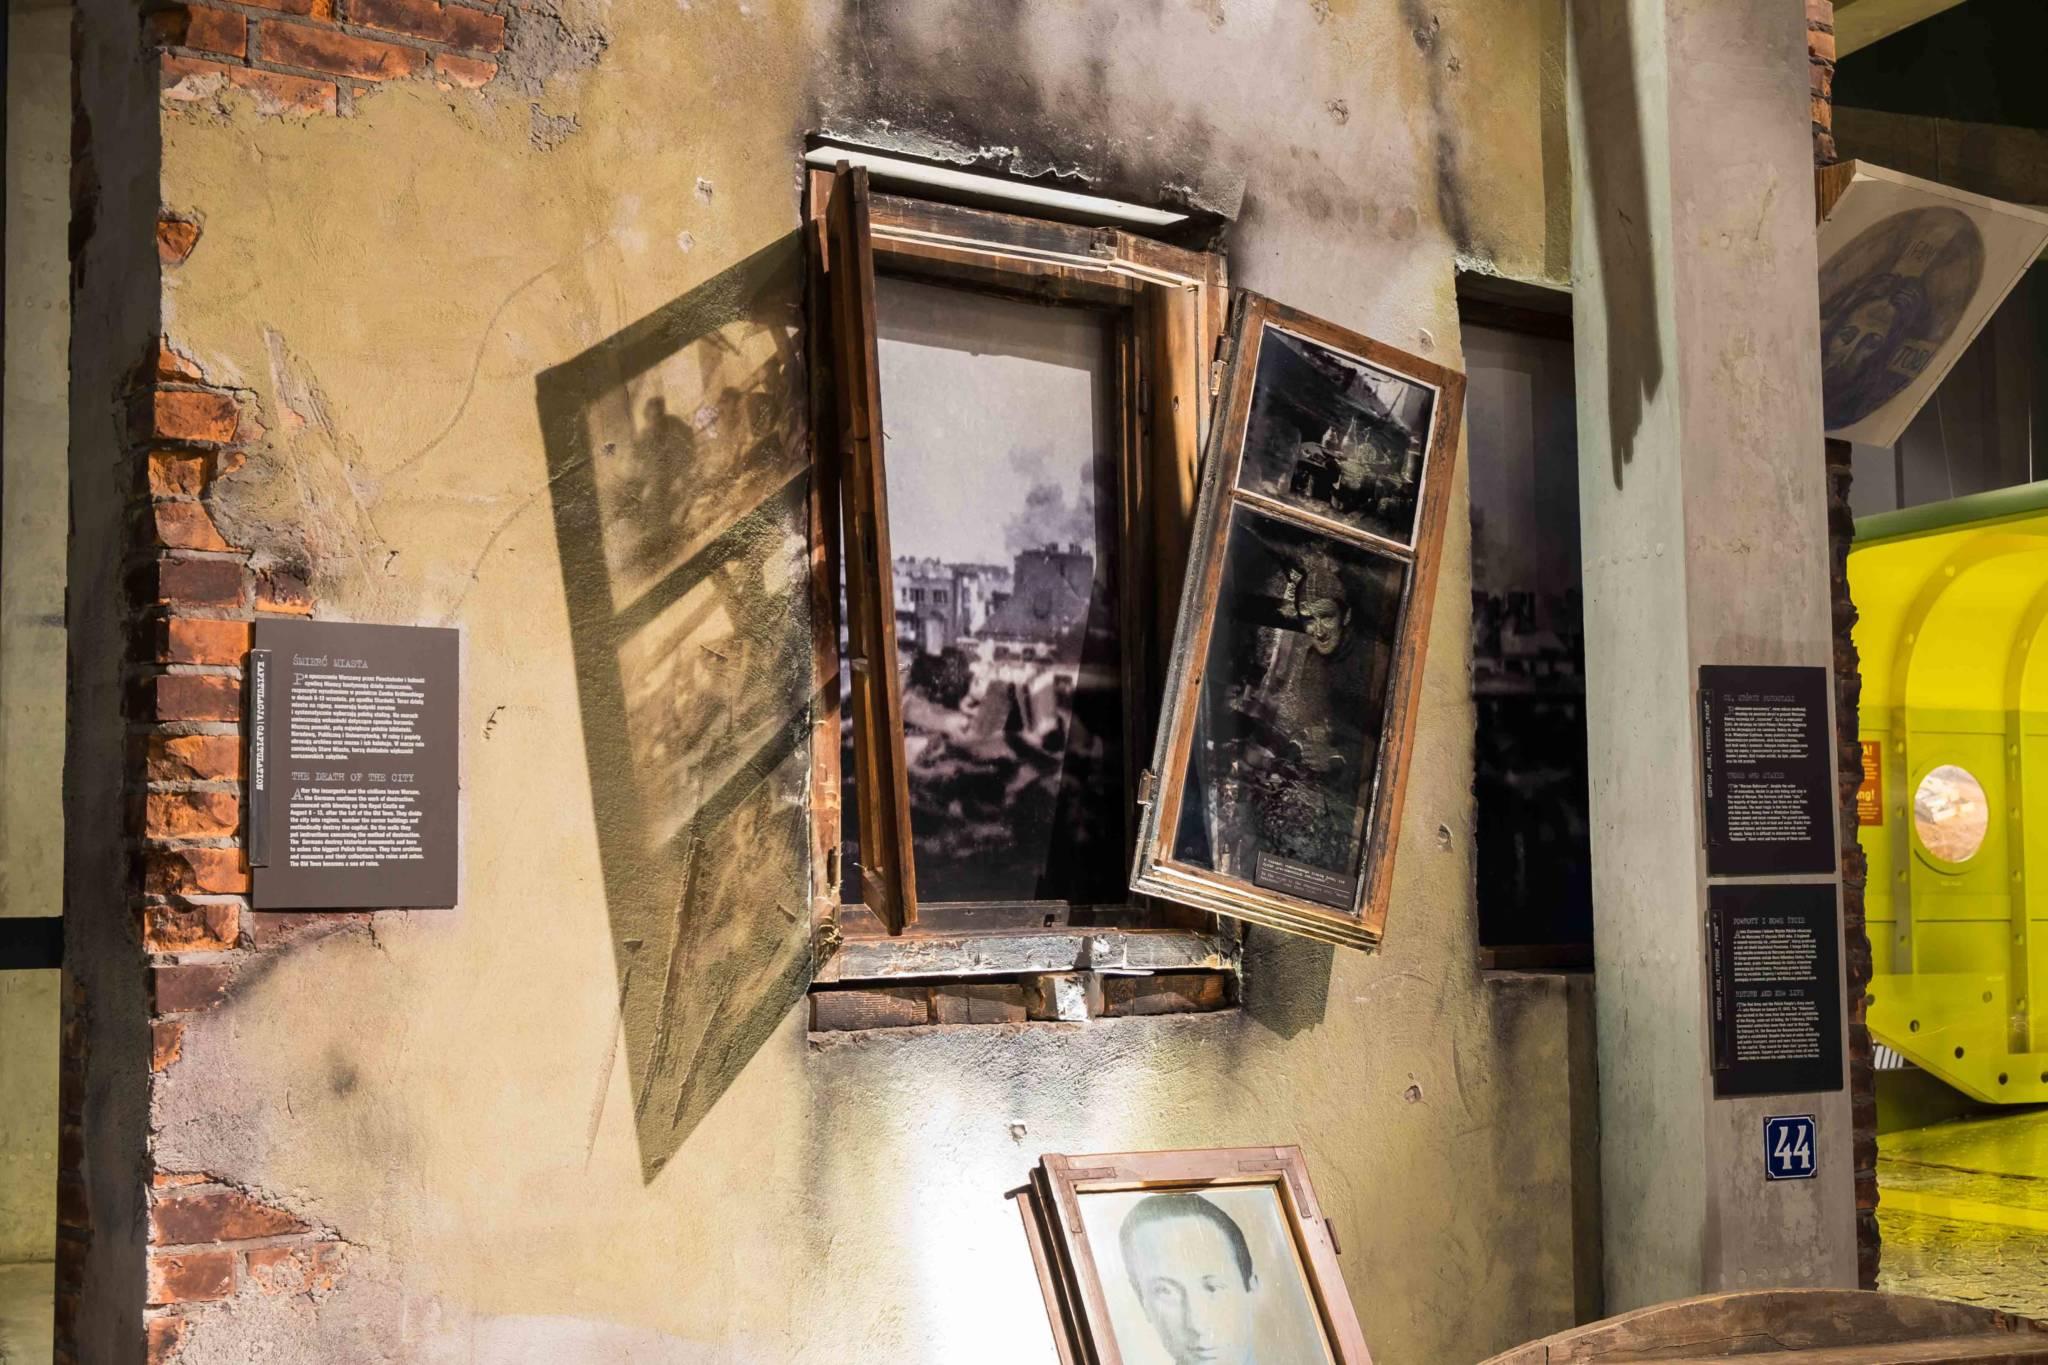 Muzeum Powstania Warszawskiego lr (4 of 37)